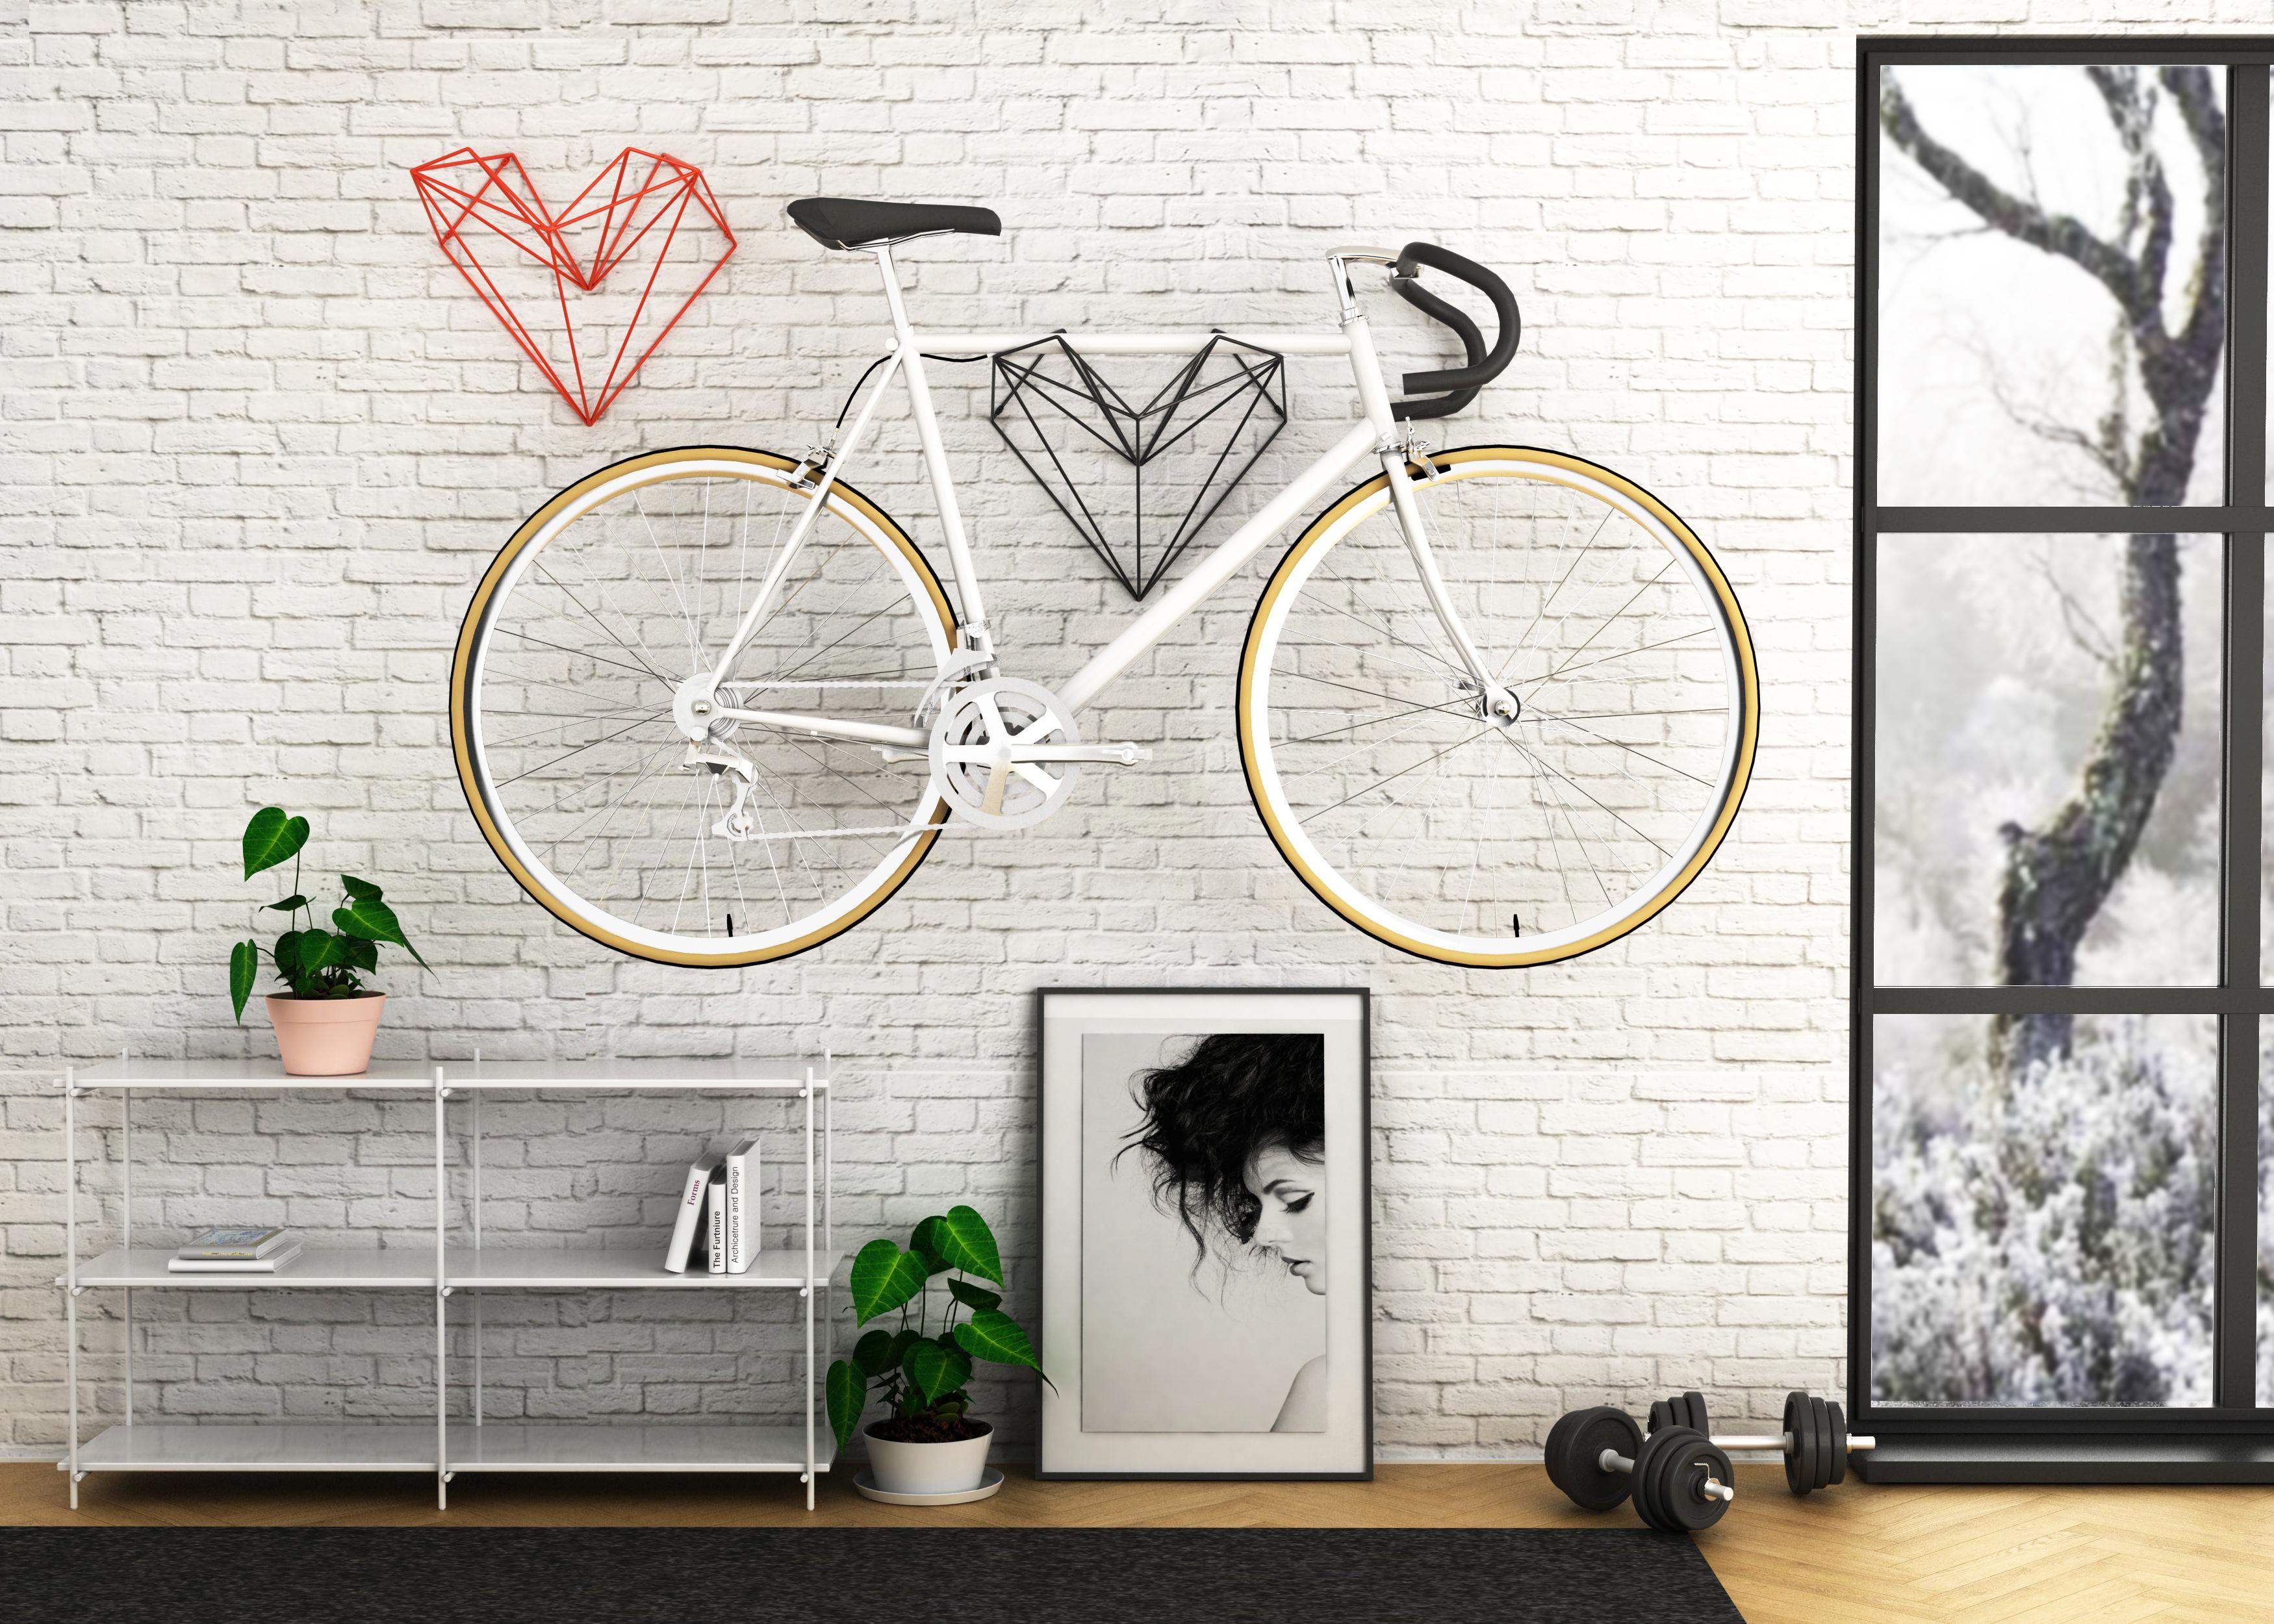 Heng bike je návrh českého designéra Martina Foreta. Pro ty, kteří mají kolo jako srdcovou záležitost.